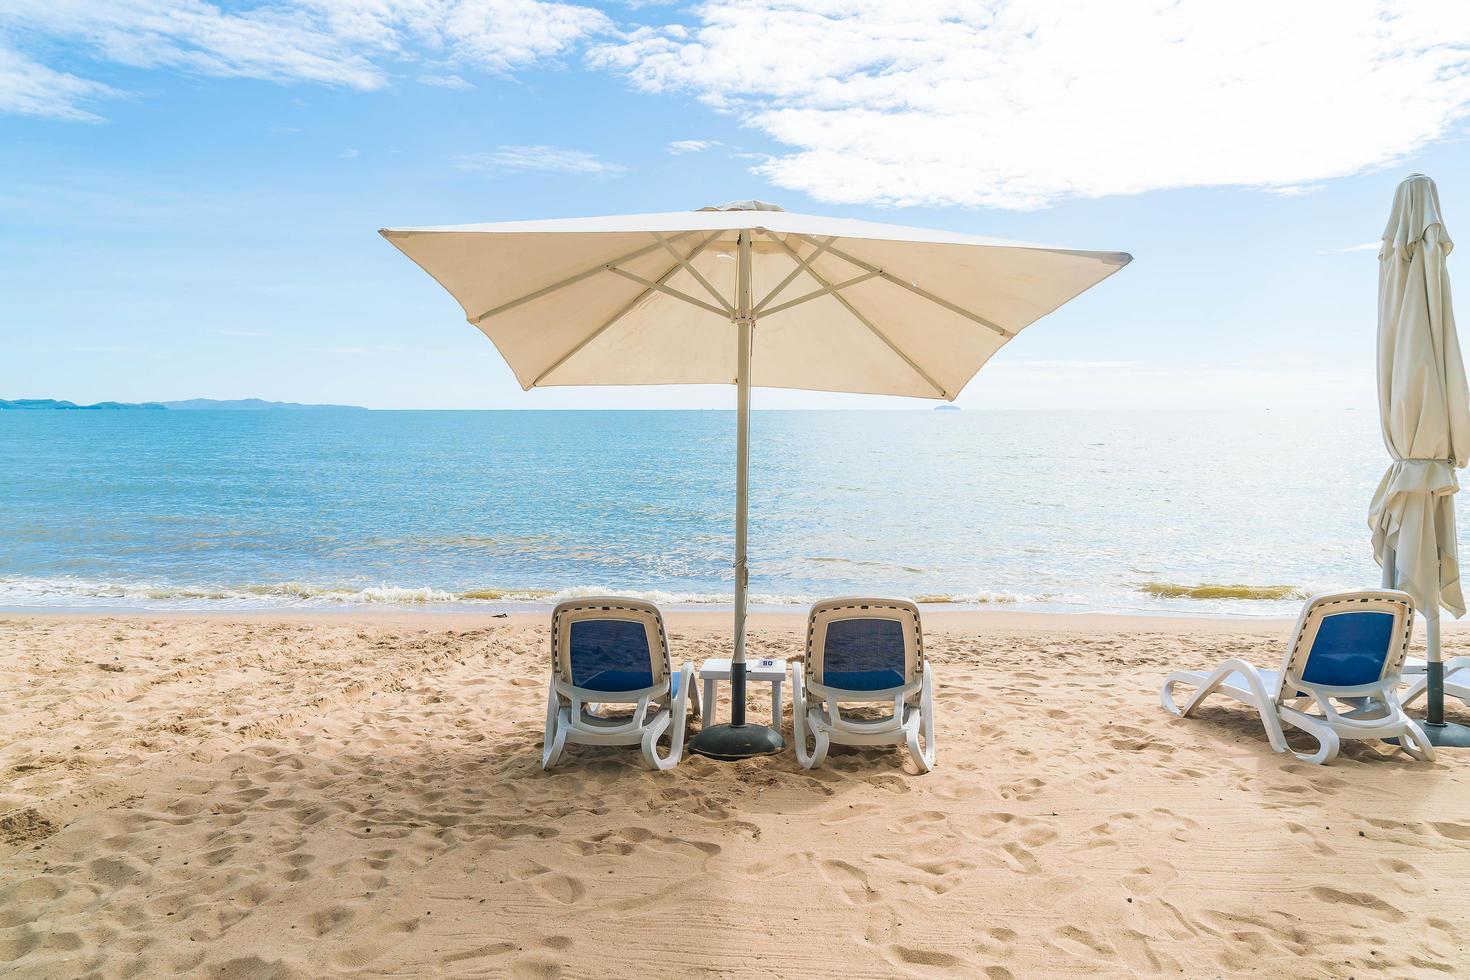 sombrilla sola en la playa foto